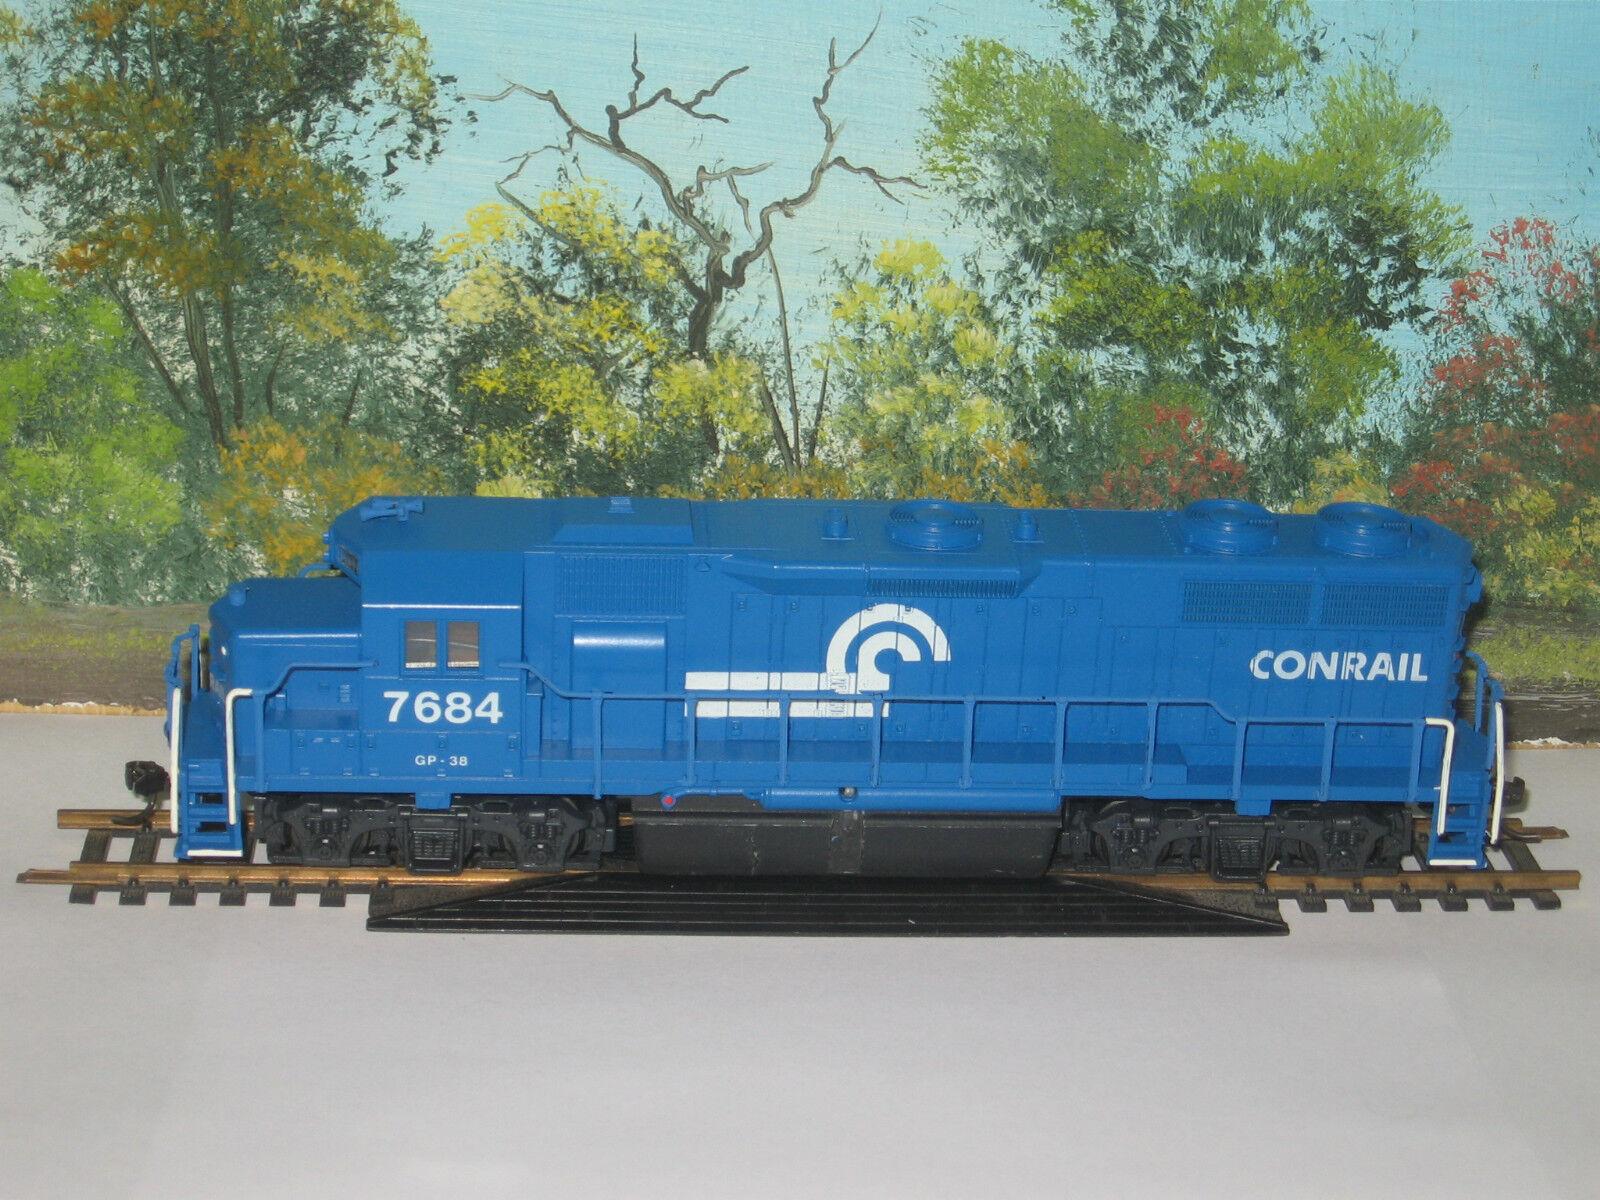 CON-COR HO SCALE EMD GP-38 CONRAIL